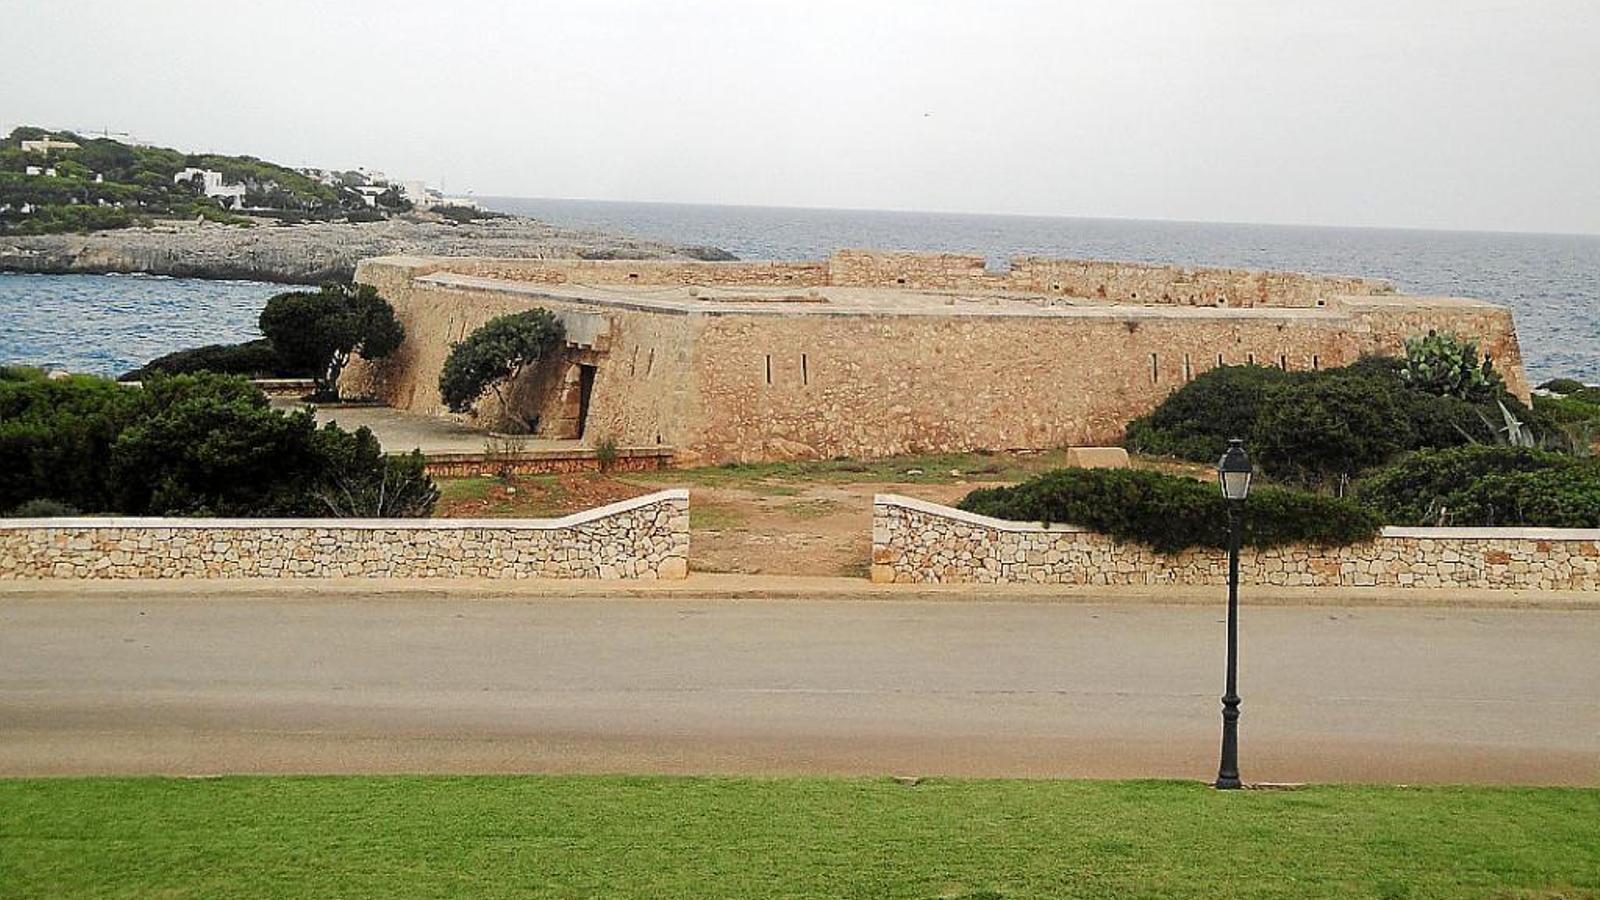 El fortí de Cala Llonga.